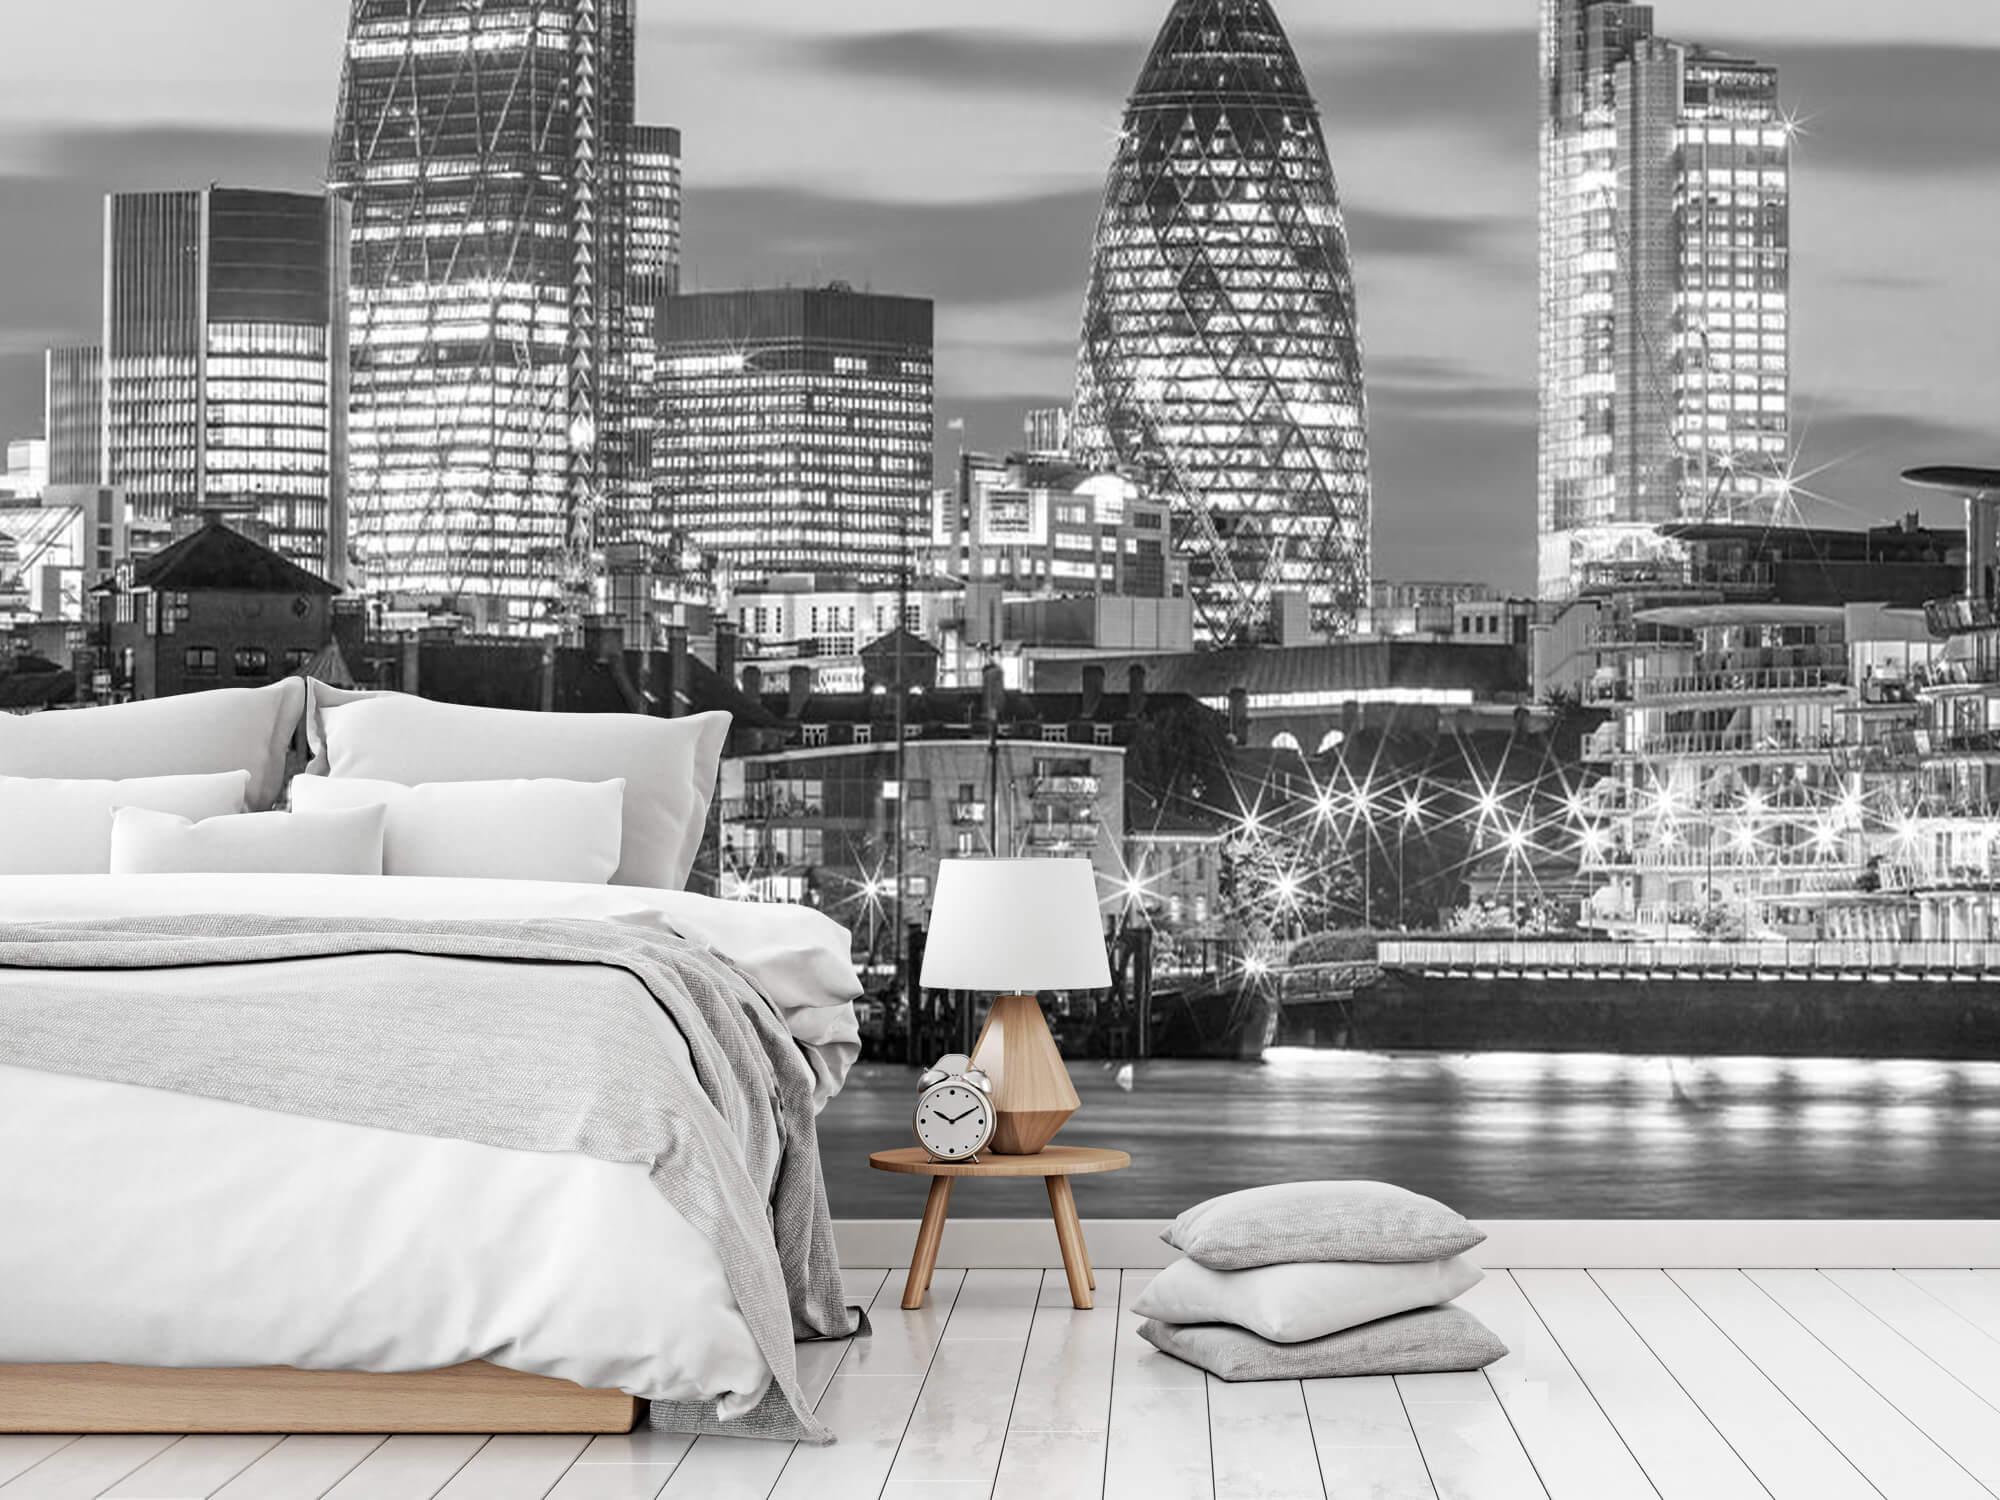 Londen skyline 10